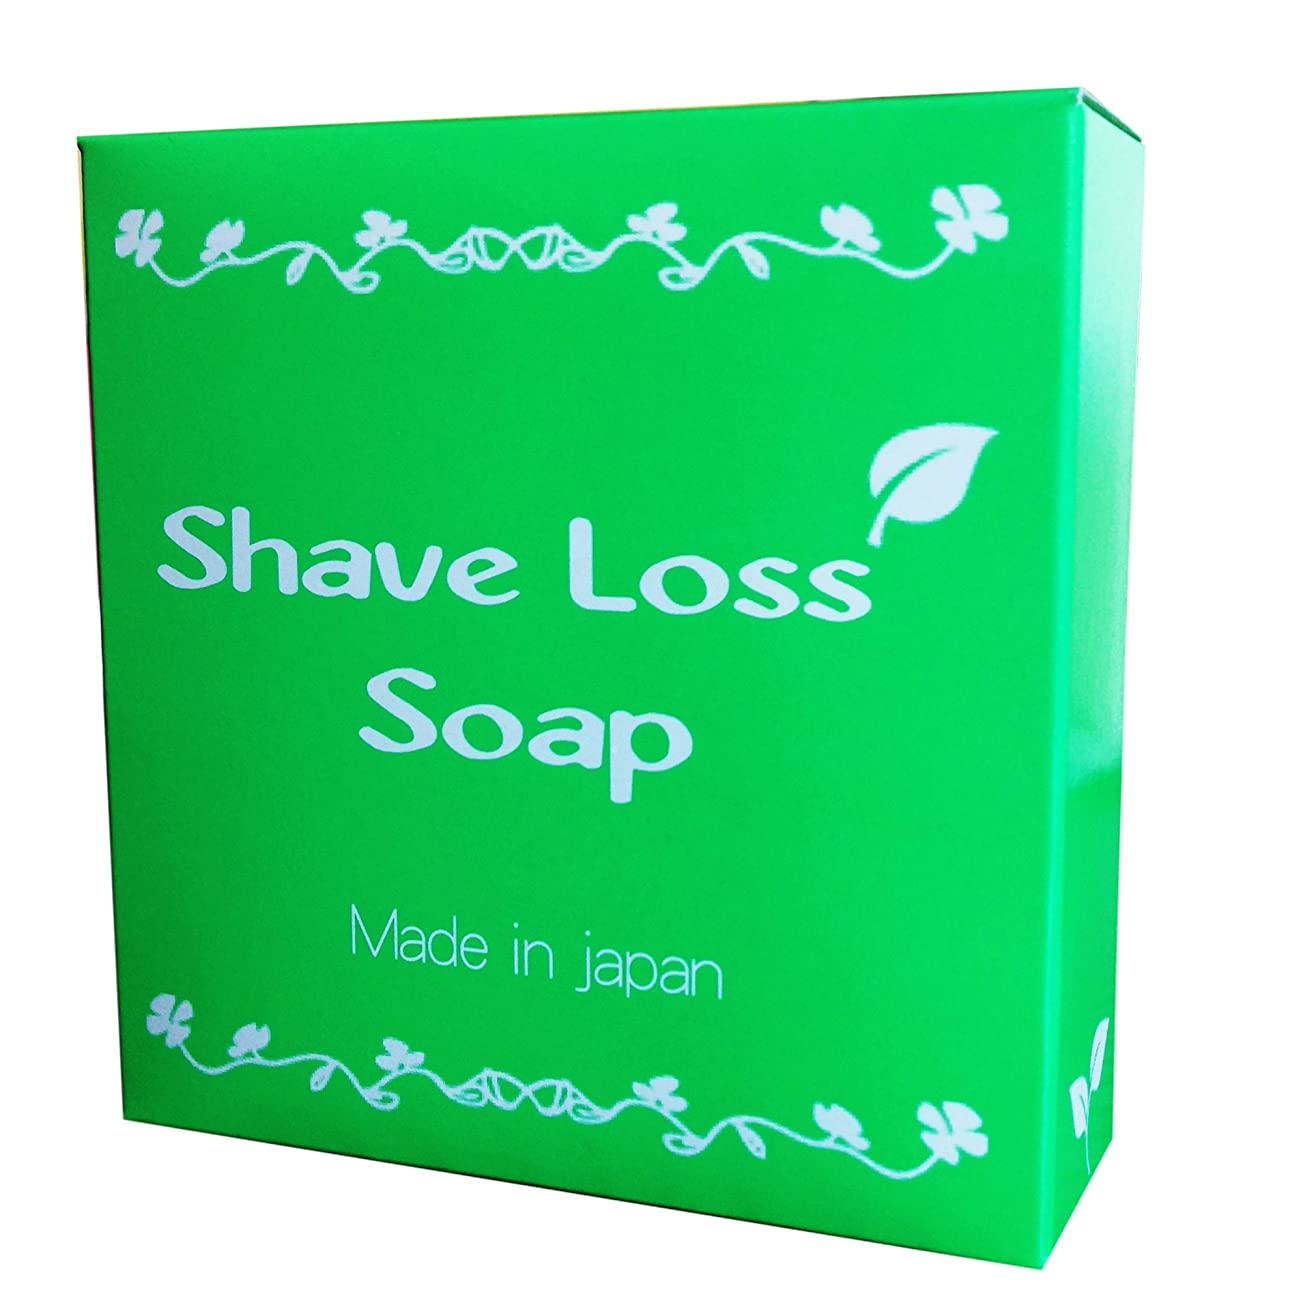 運賃破産メッセージShave Loss Soap 女性のツルツルを叶える 奇跡の石鹸 80g (1個)